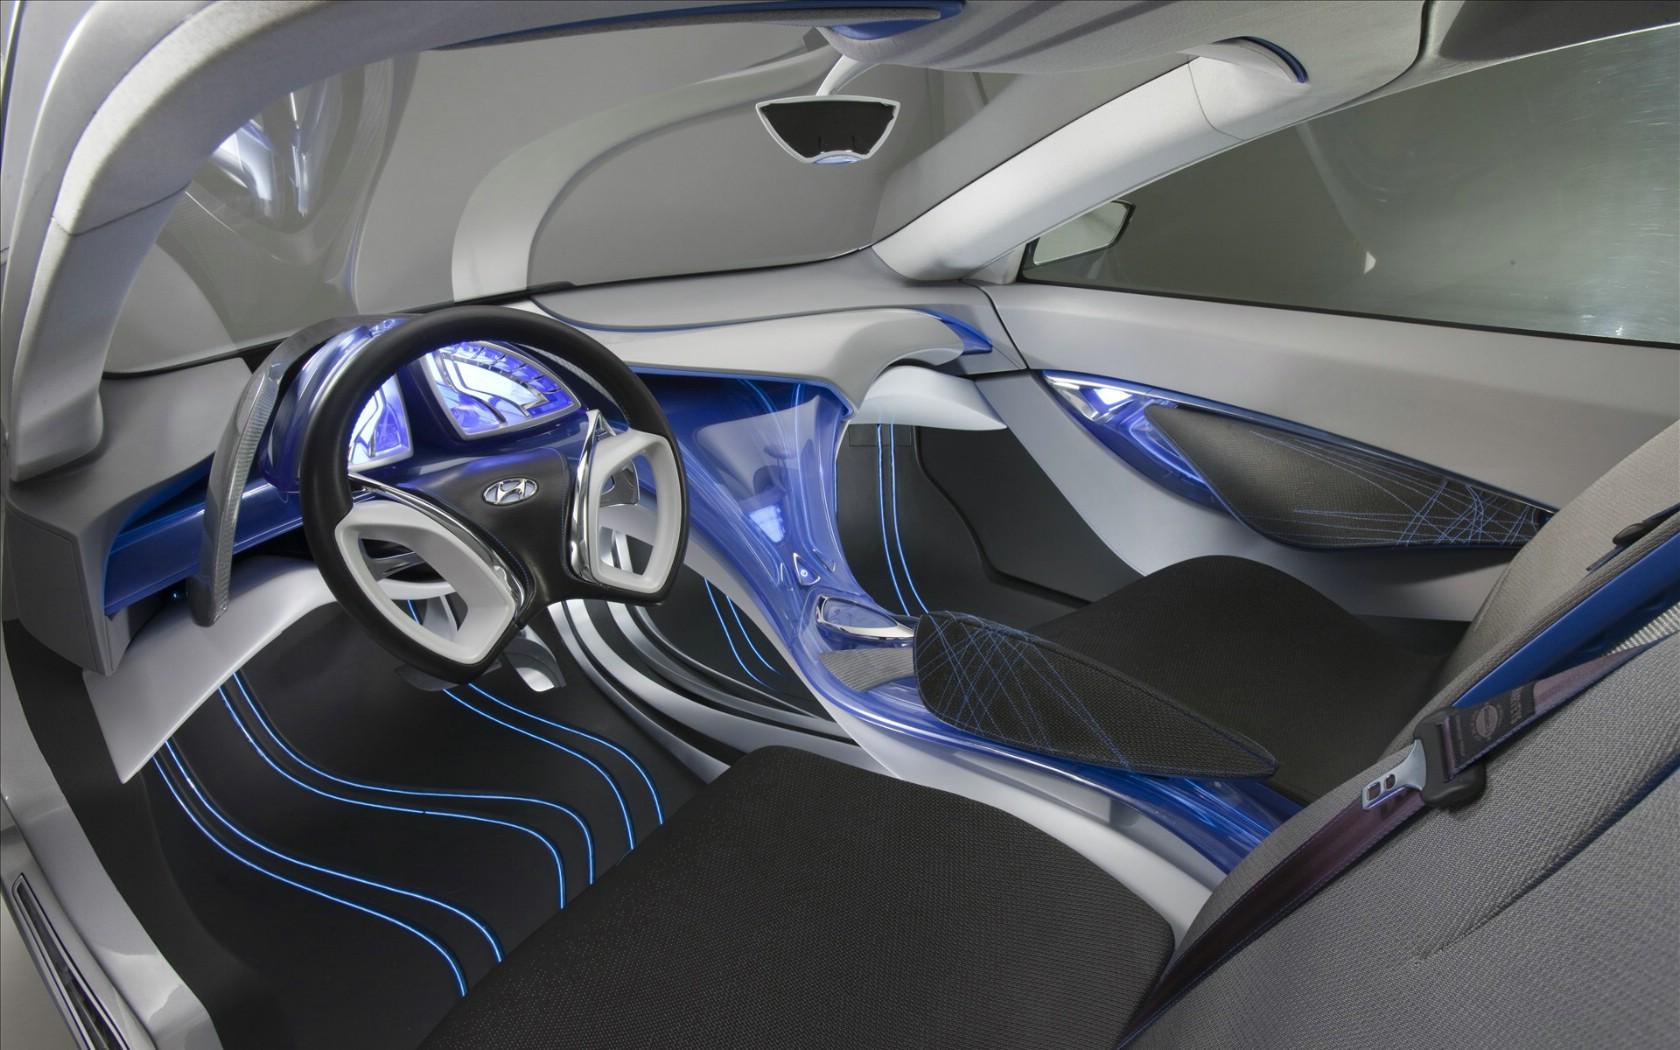 汽车内饰壁纸桌面背景图片高清桌面壁纸下载 第4